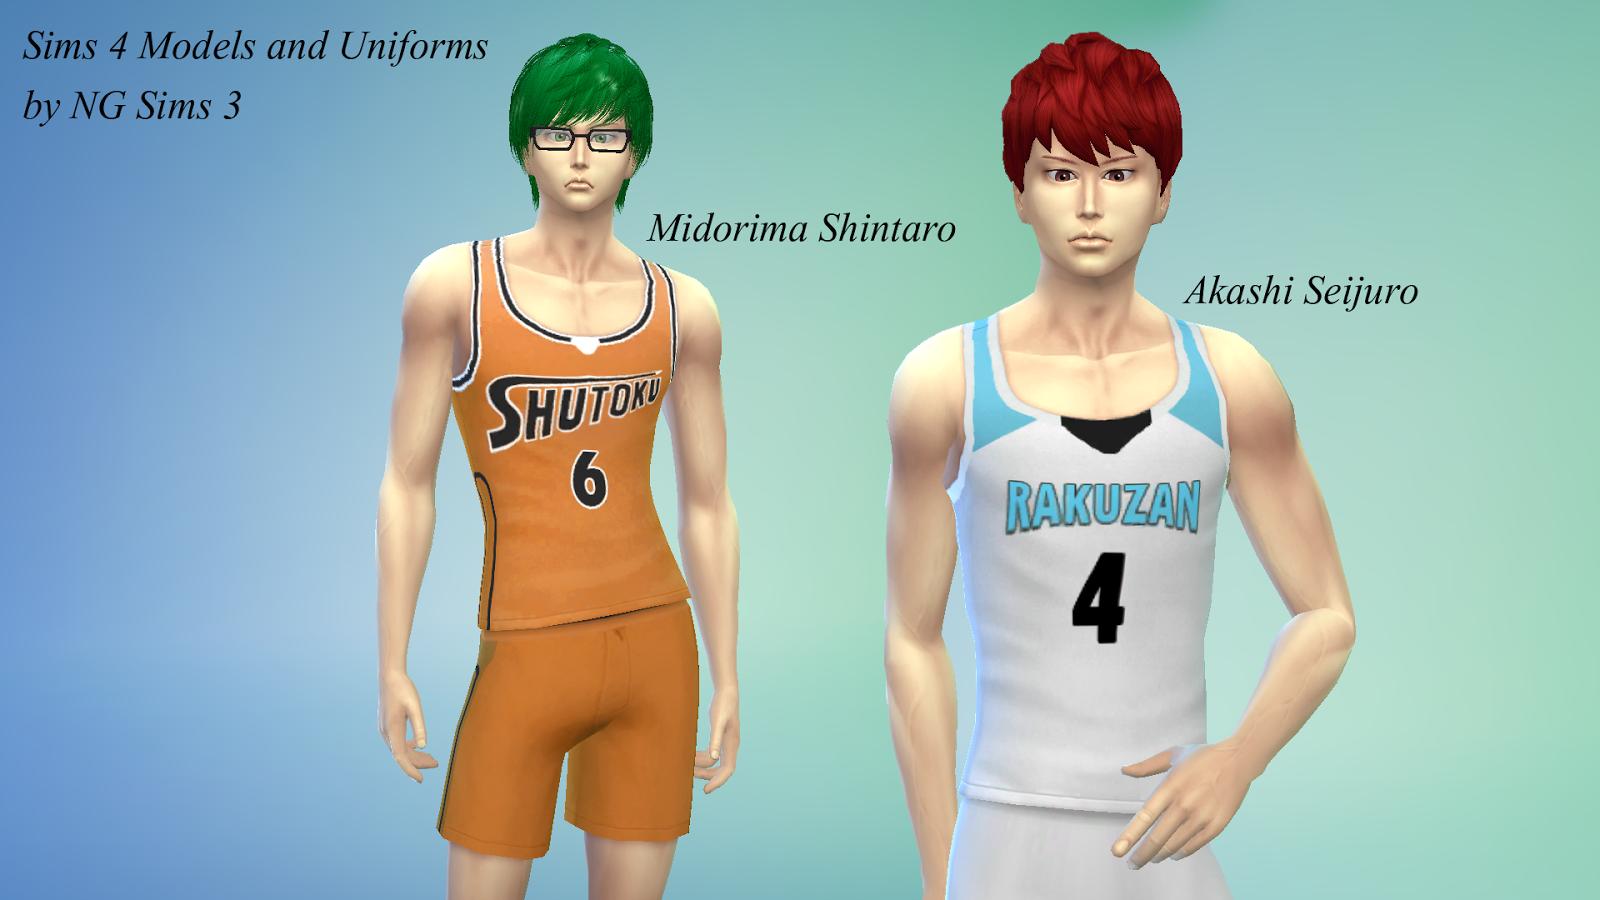 Sims 3 Anime Characters : Akashi seijuro midorima shintaro kuroko no basket